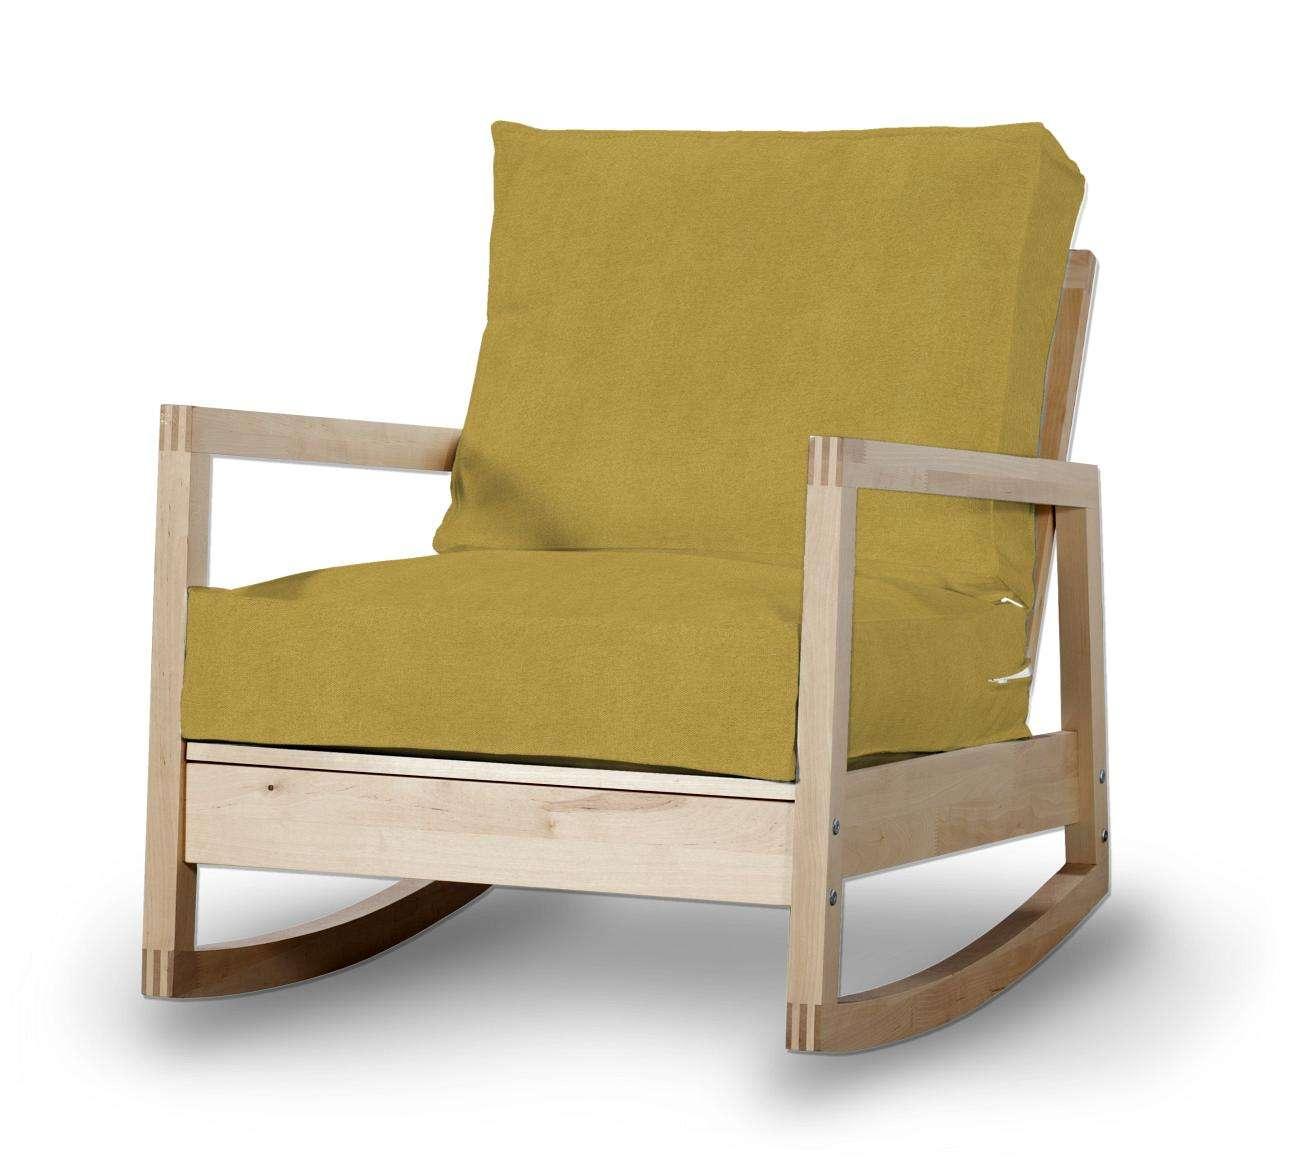 LILLBERG fotelio užvalkalas LILLBERG fotelio užvalkalas kolekcijoje Etna , audinys: 705-04